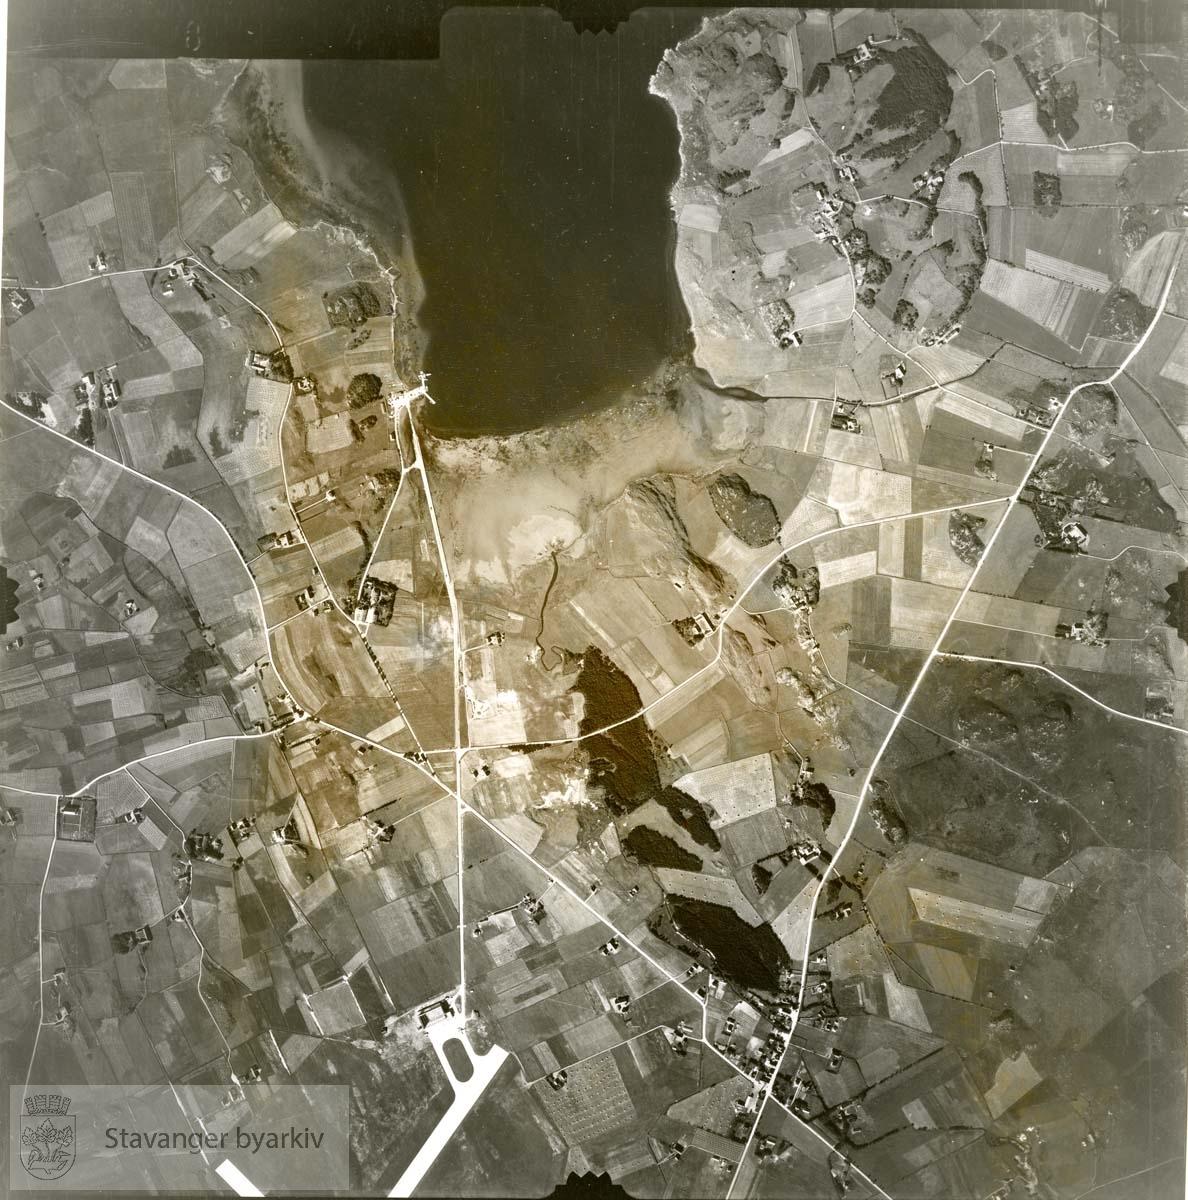 Jfr. kart/fotoplan C24/384..Sola flyplass og Sømmevågen..Se ByStW_Uca_002 (kan lastes ned under fanen for kart på Stavangerbilder)